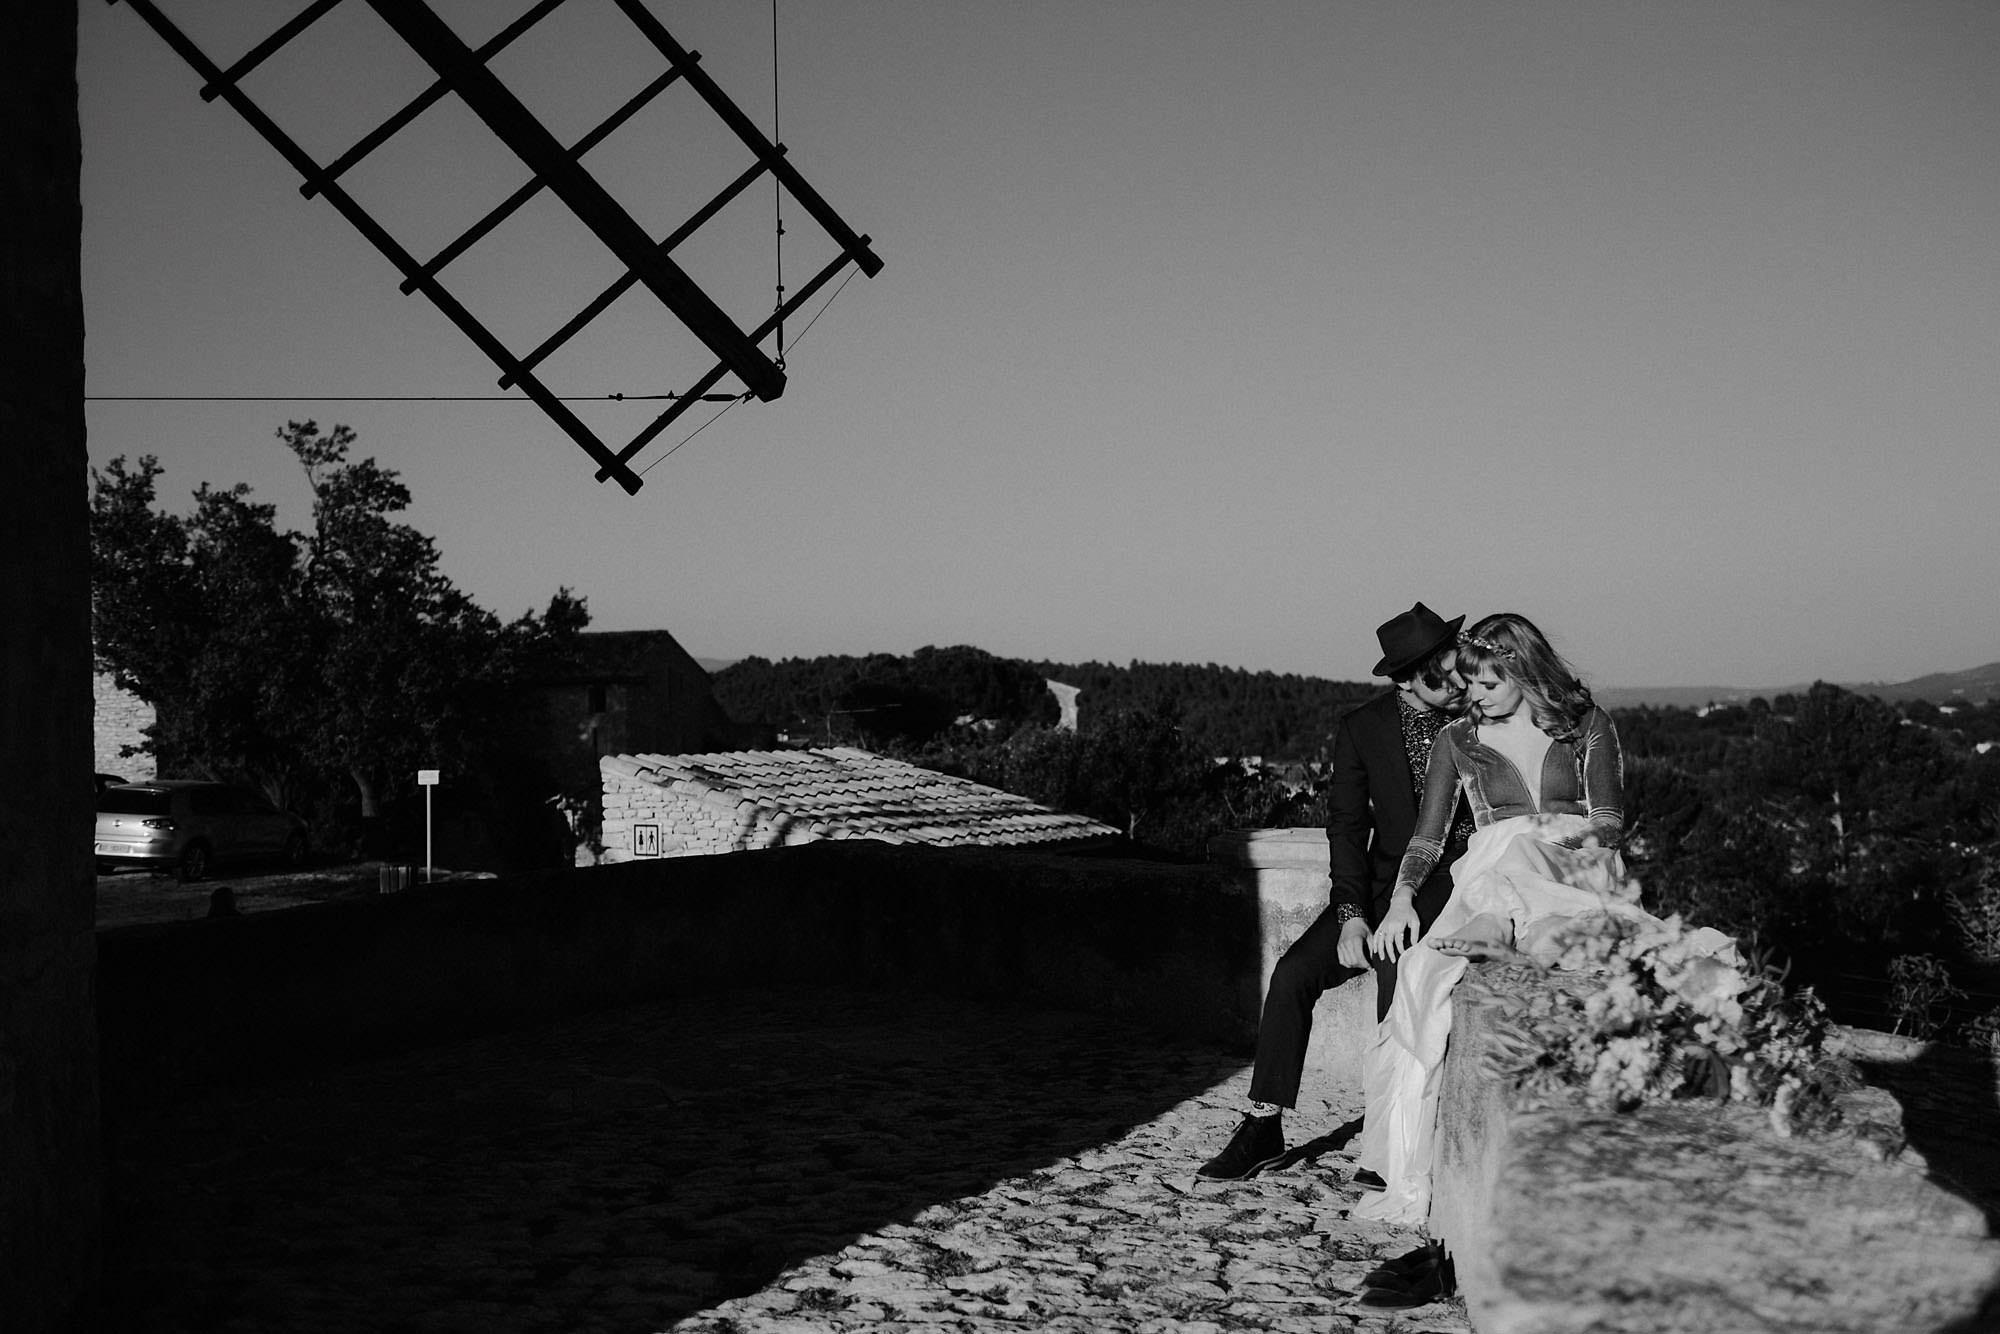 goult provence france elopement vow renewal couple windmill portrait photo